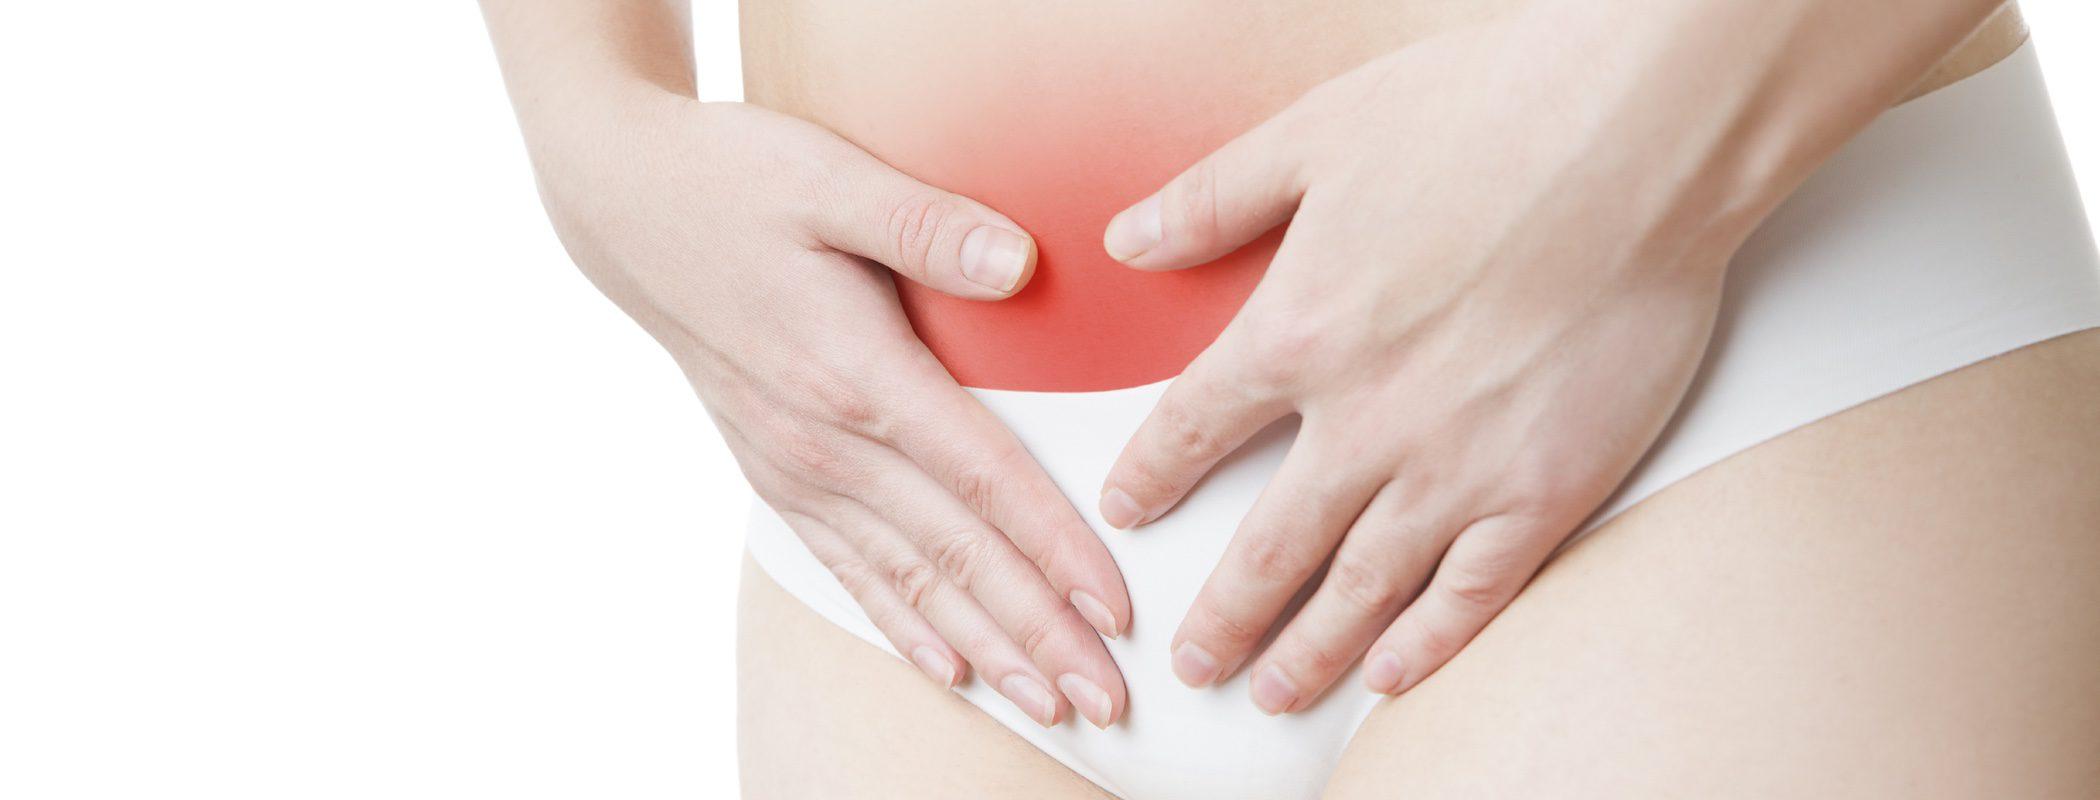 Causas y tratamiento del dolor menstrual